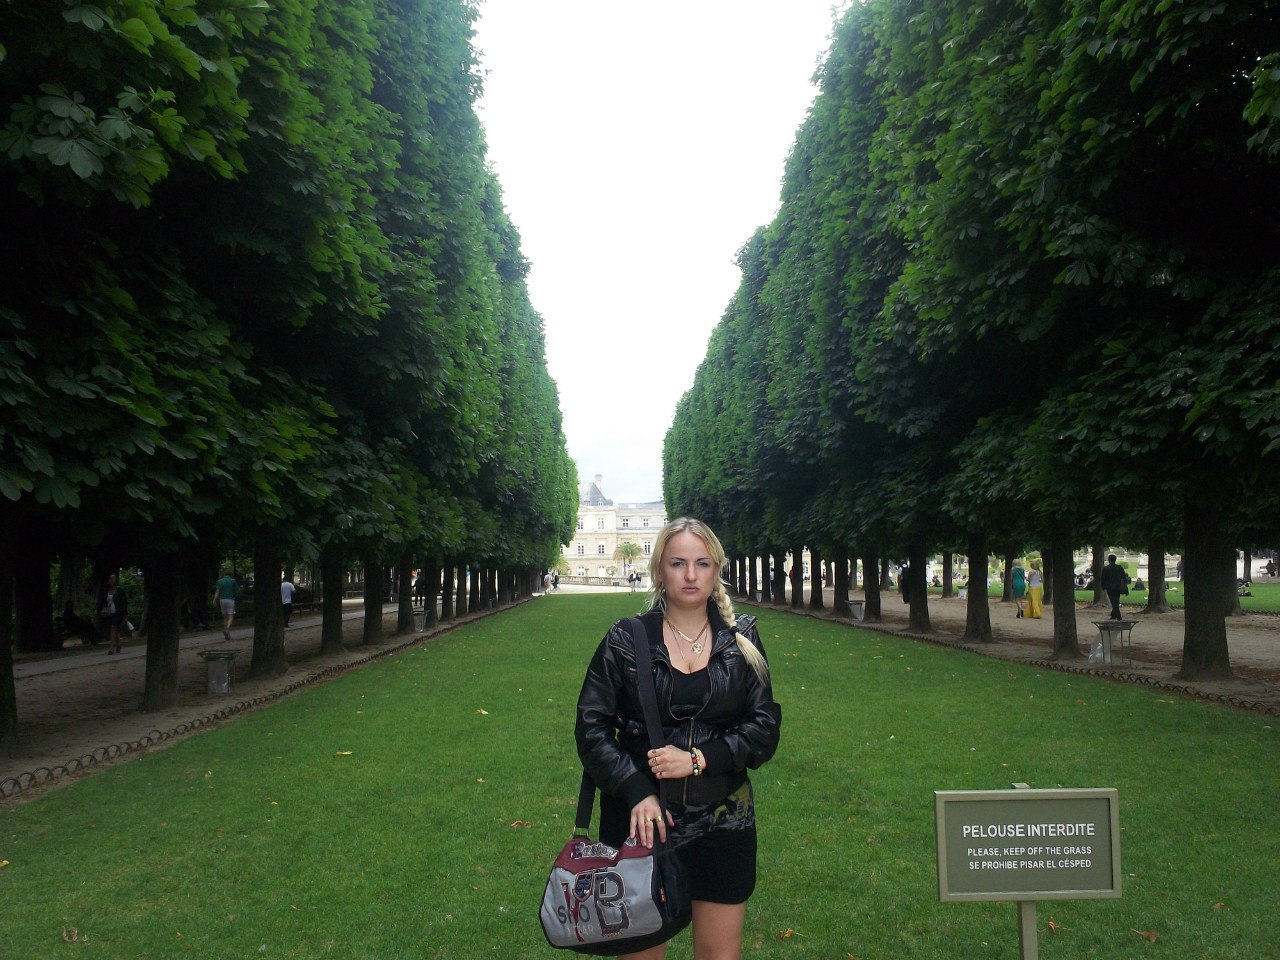 Елена Руденко. Франция. Париж. 2013 г. июнь. 3NBIlz2o12Y